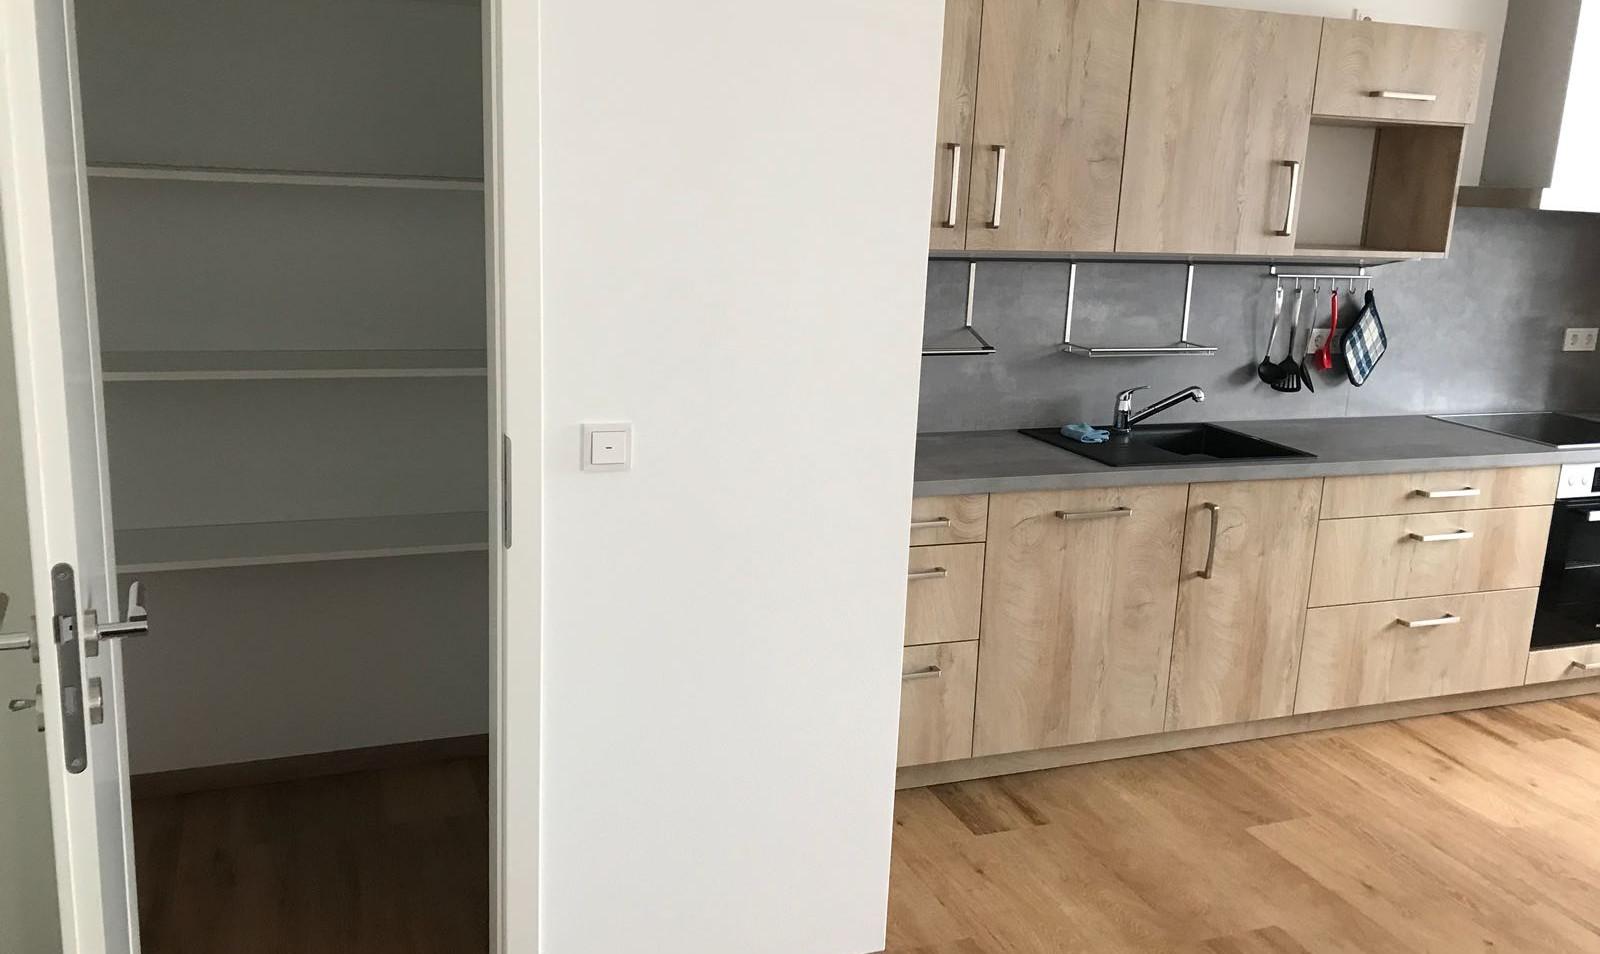 Küche_und_Vorratskamer_Wohnung_1.jpg